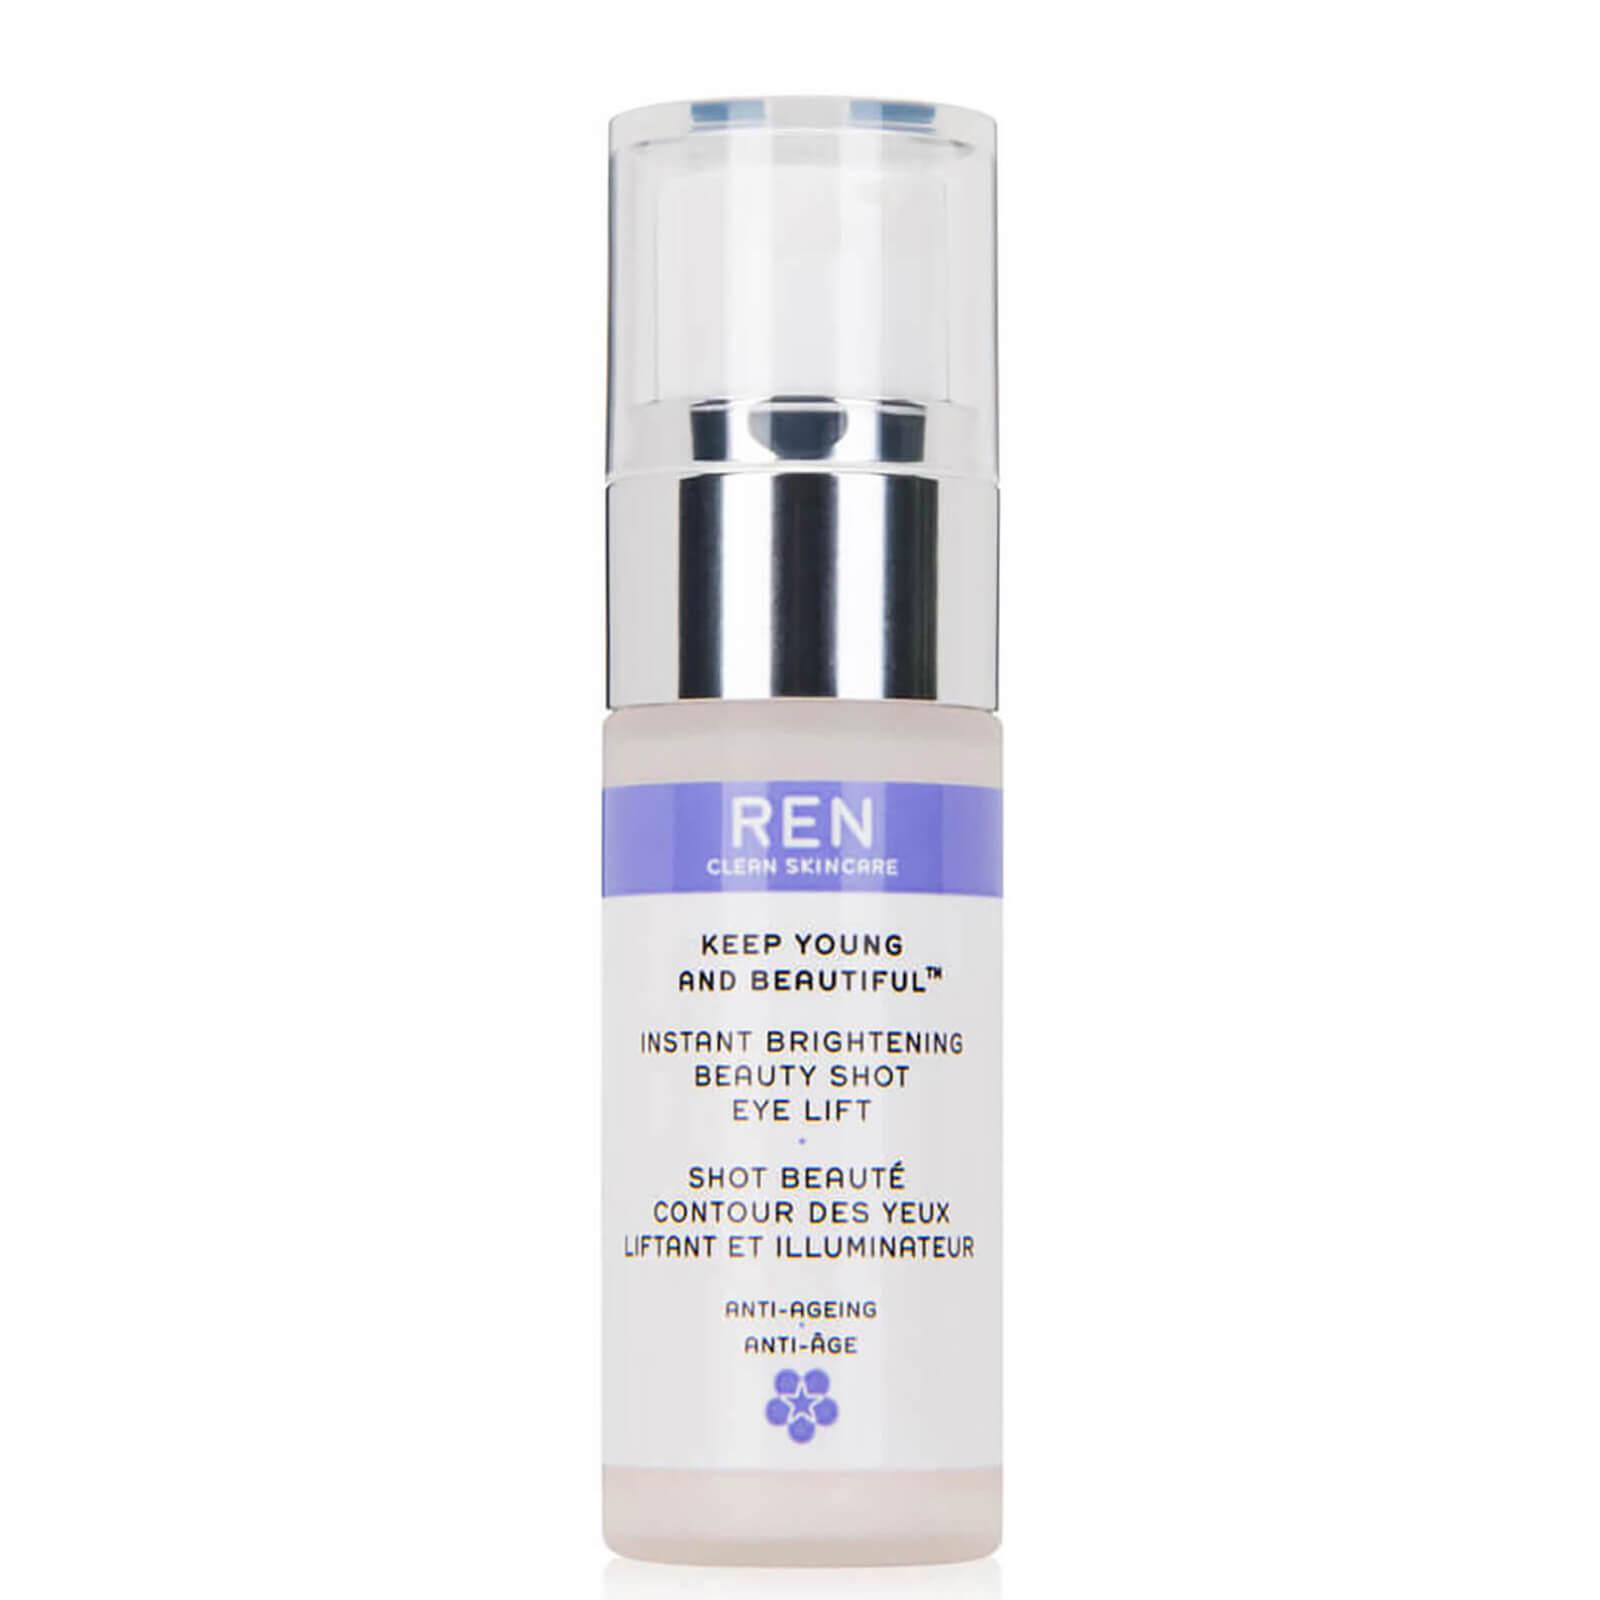 Купить Средство для мгновенной подтяжки и улучшения цвета кожи вокруг глаз REN Keep Young and Beautiful™ (15 мл)